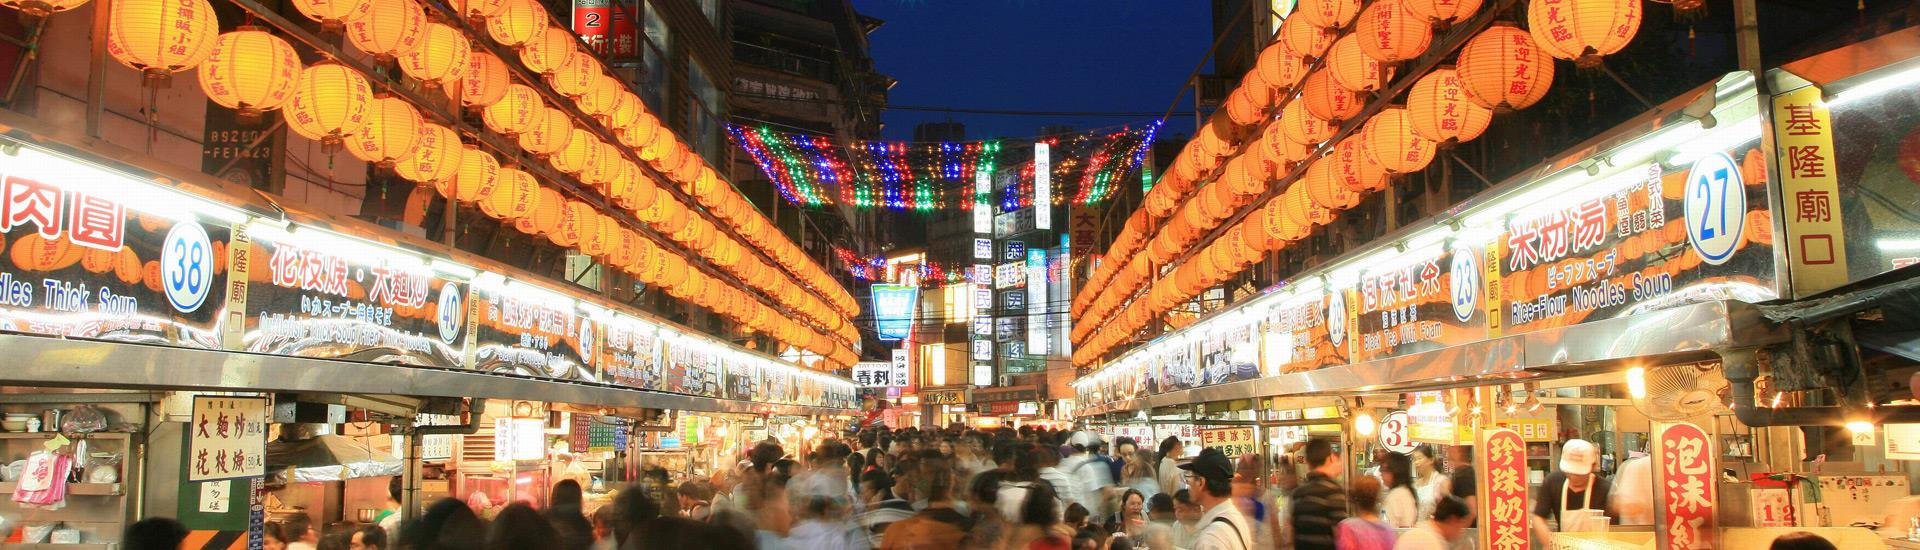 Mercado nocturno de Keelung